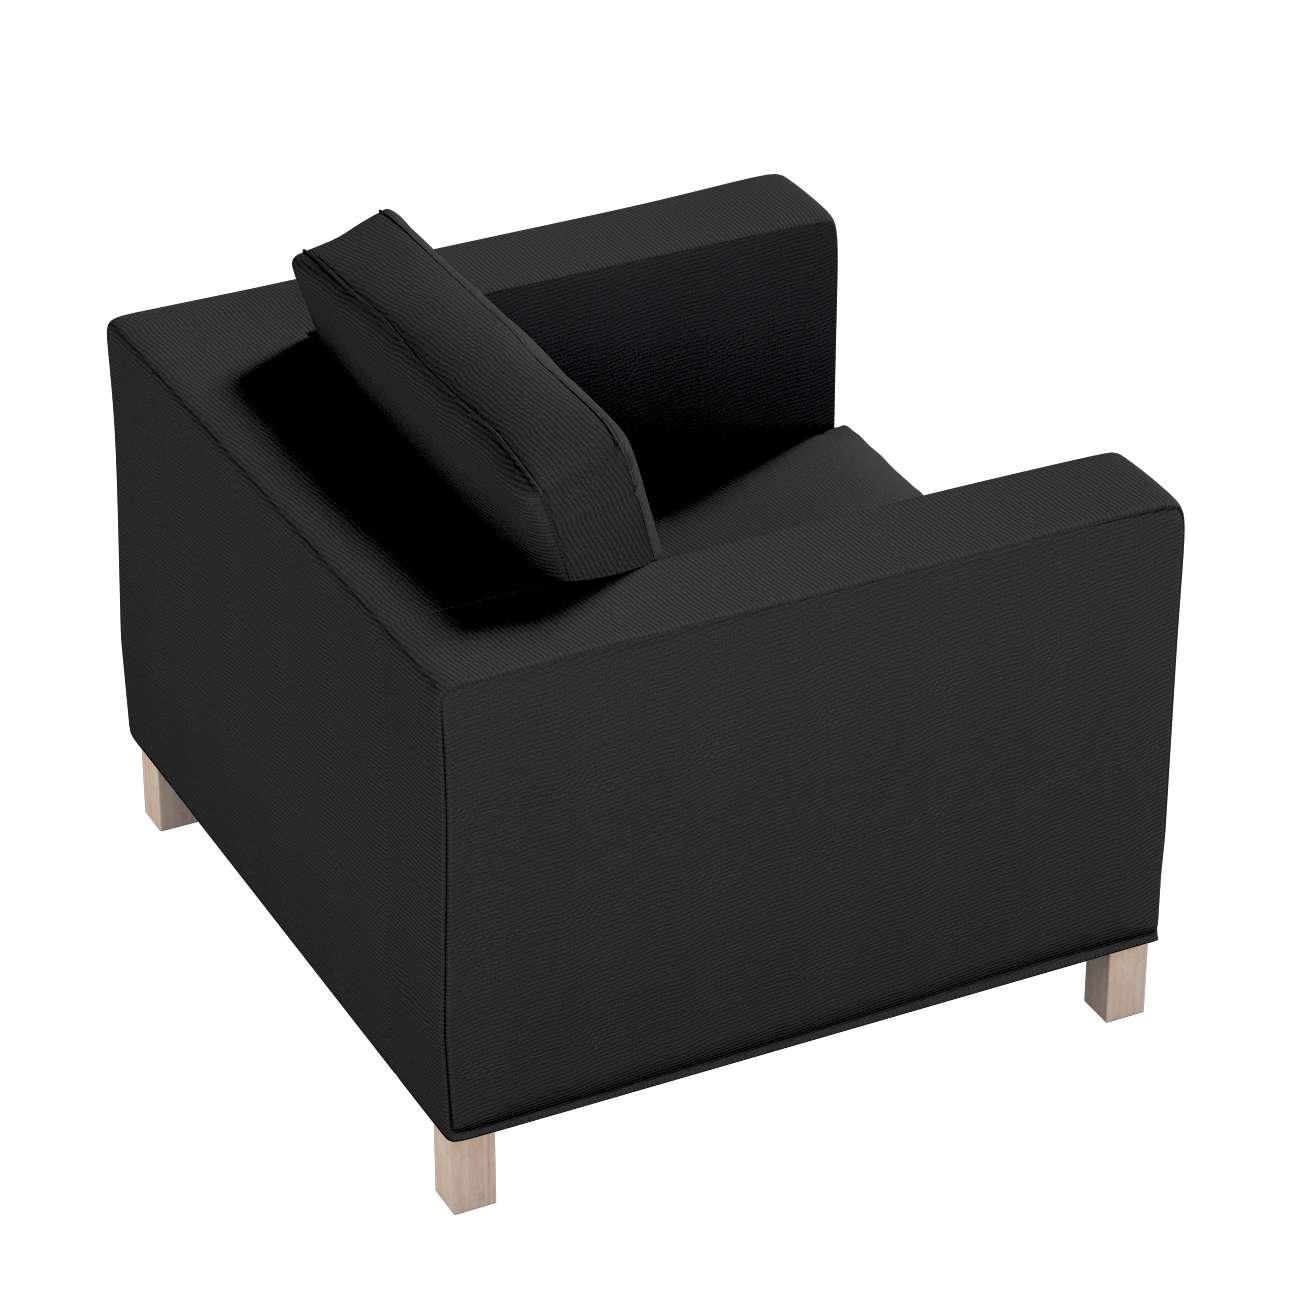 Pokrowiec na fotel Karlanda, krótki w kolekcji Etna, tkanina: 705-00